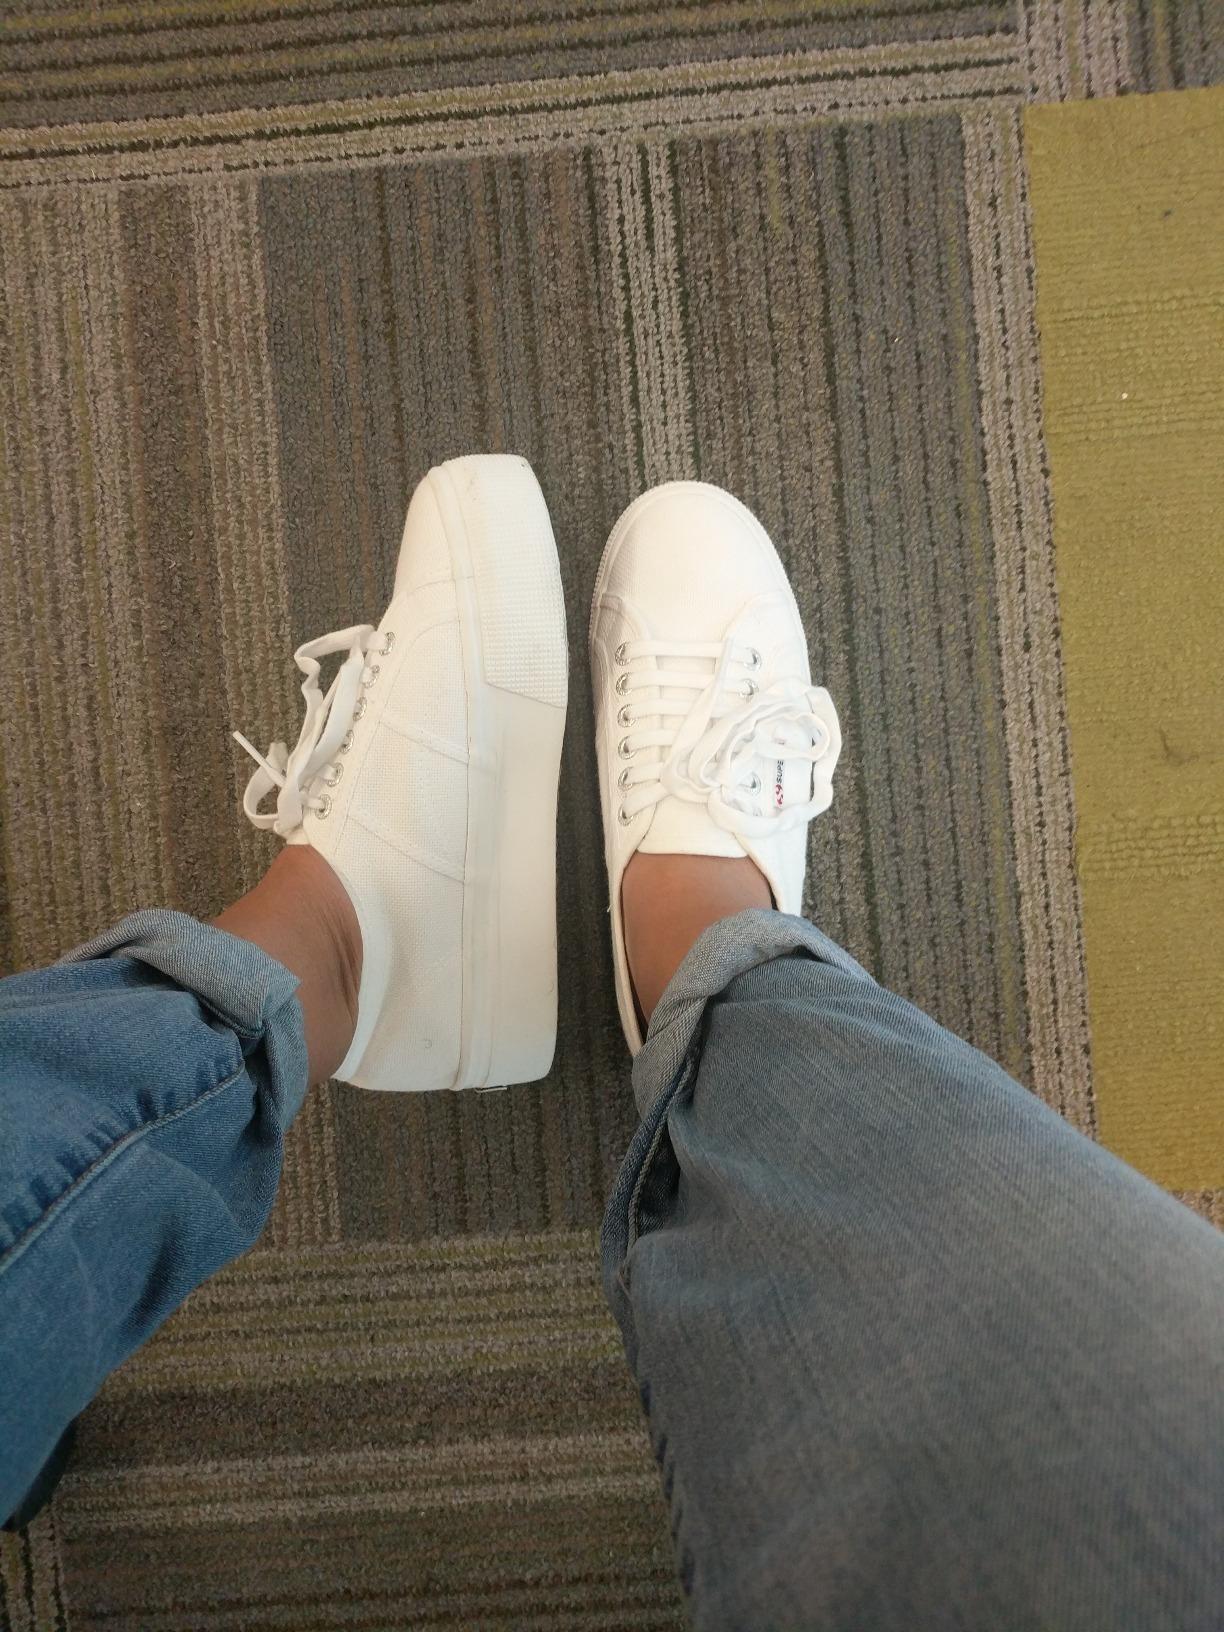 reviewer wears sneakers